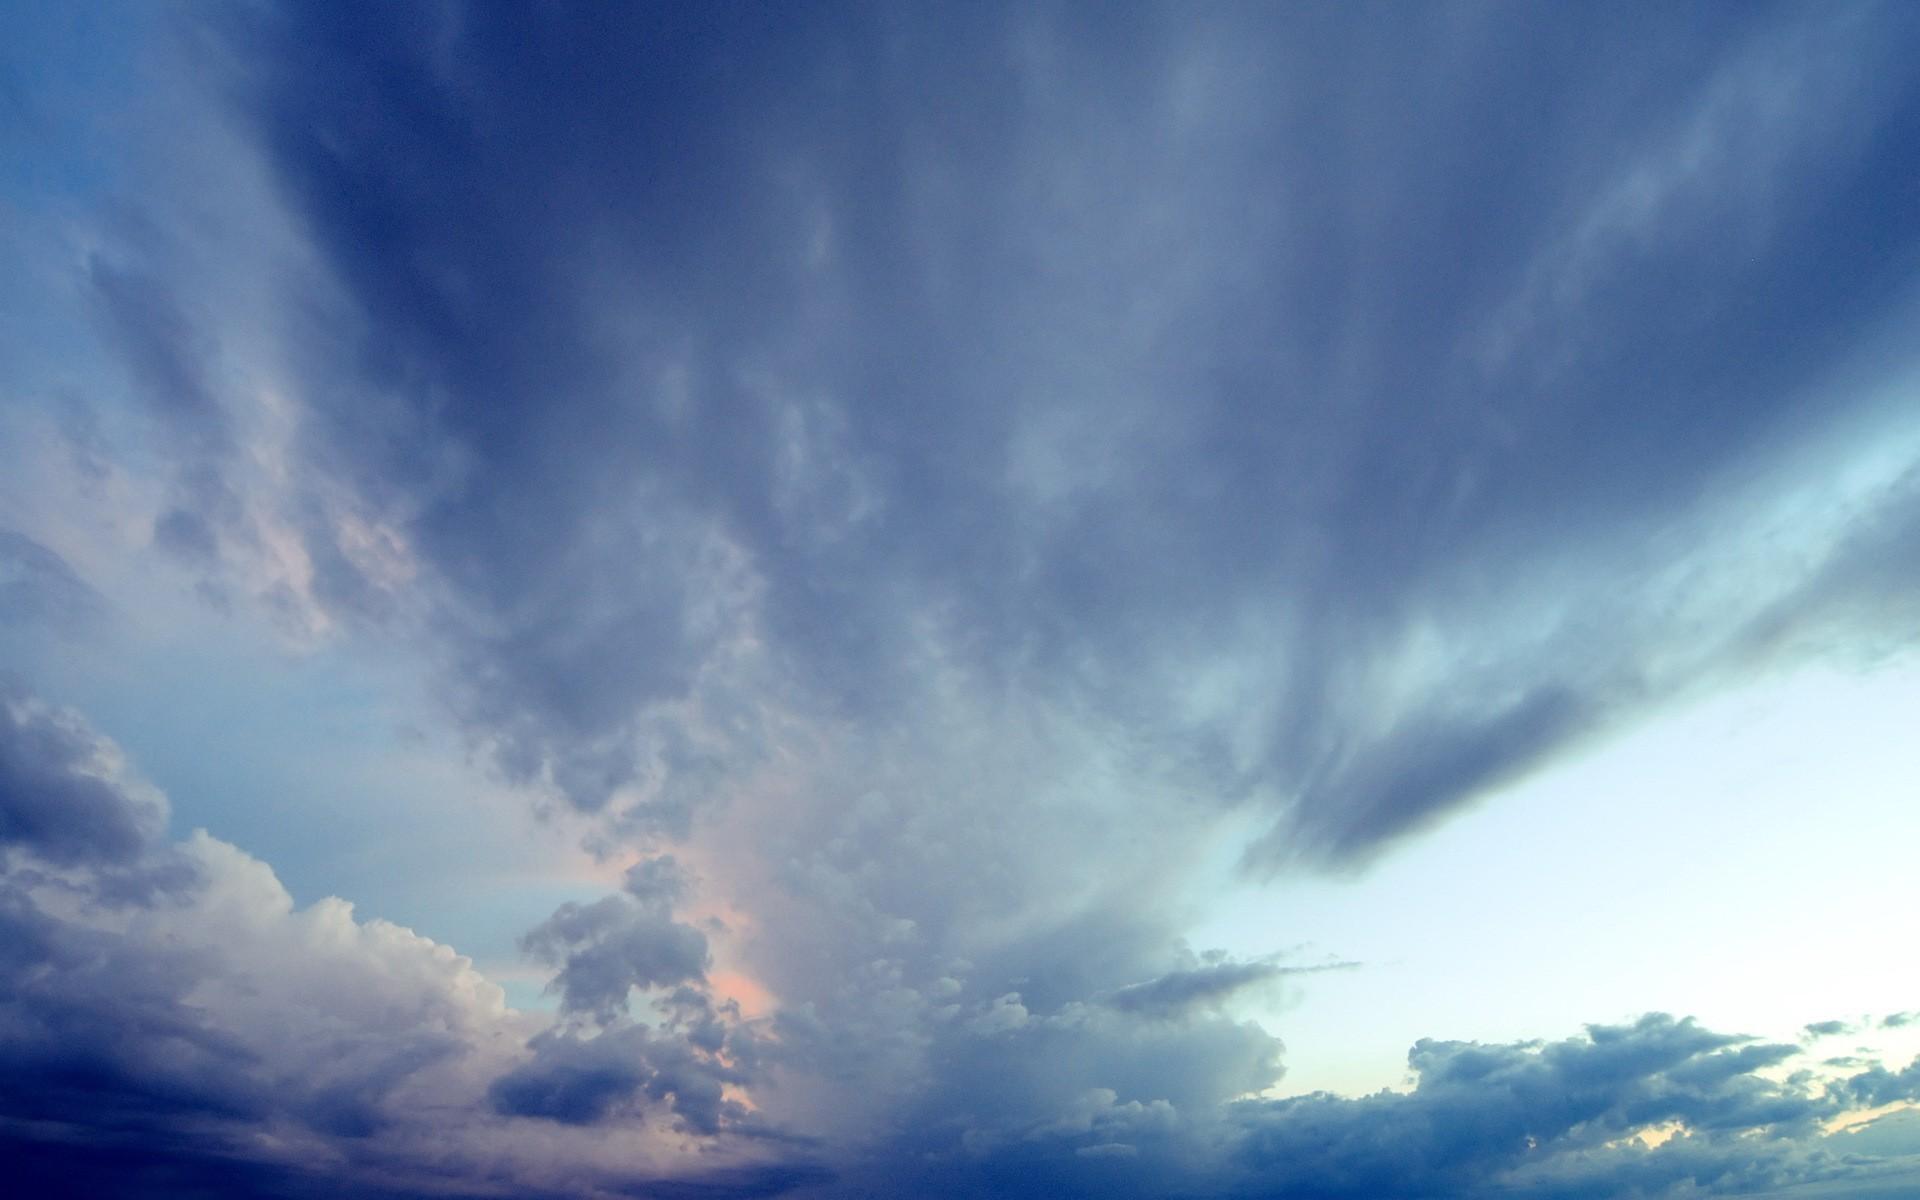 изменили, фары, небо фото голубая синь сложно представить, легко